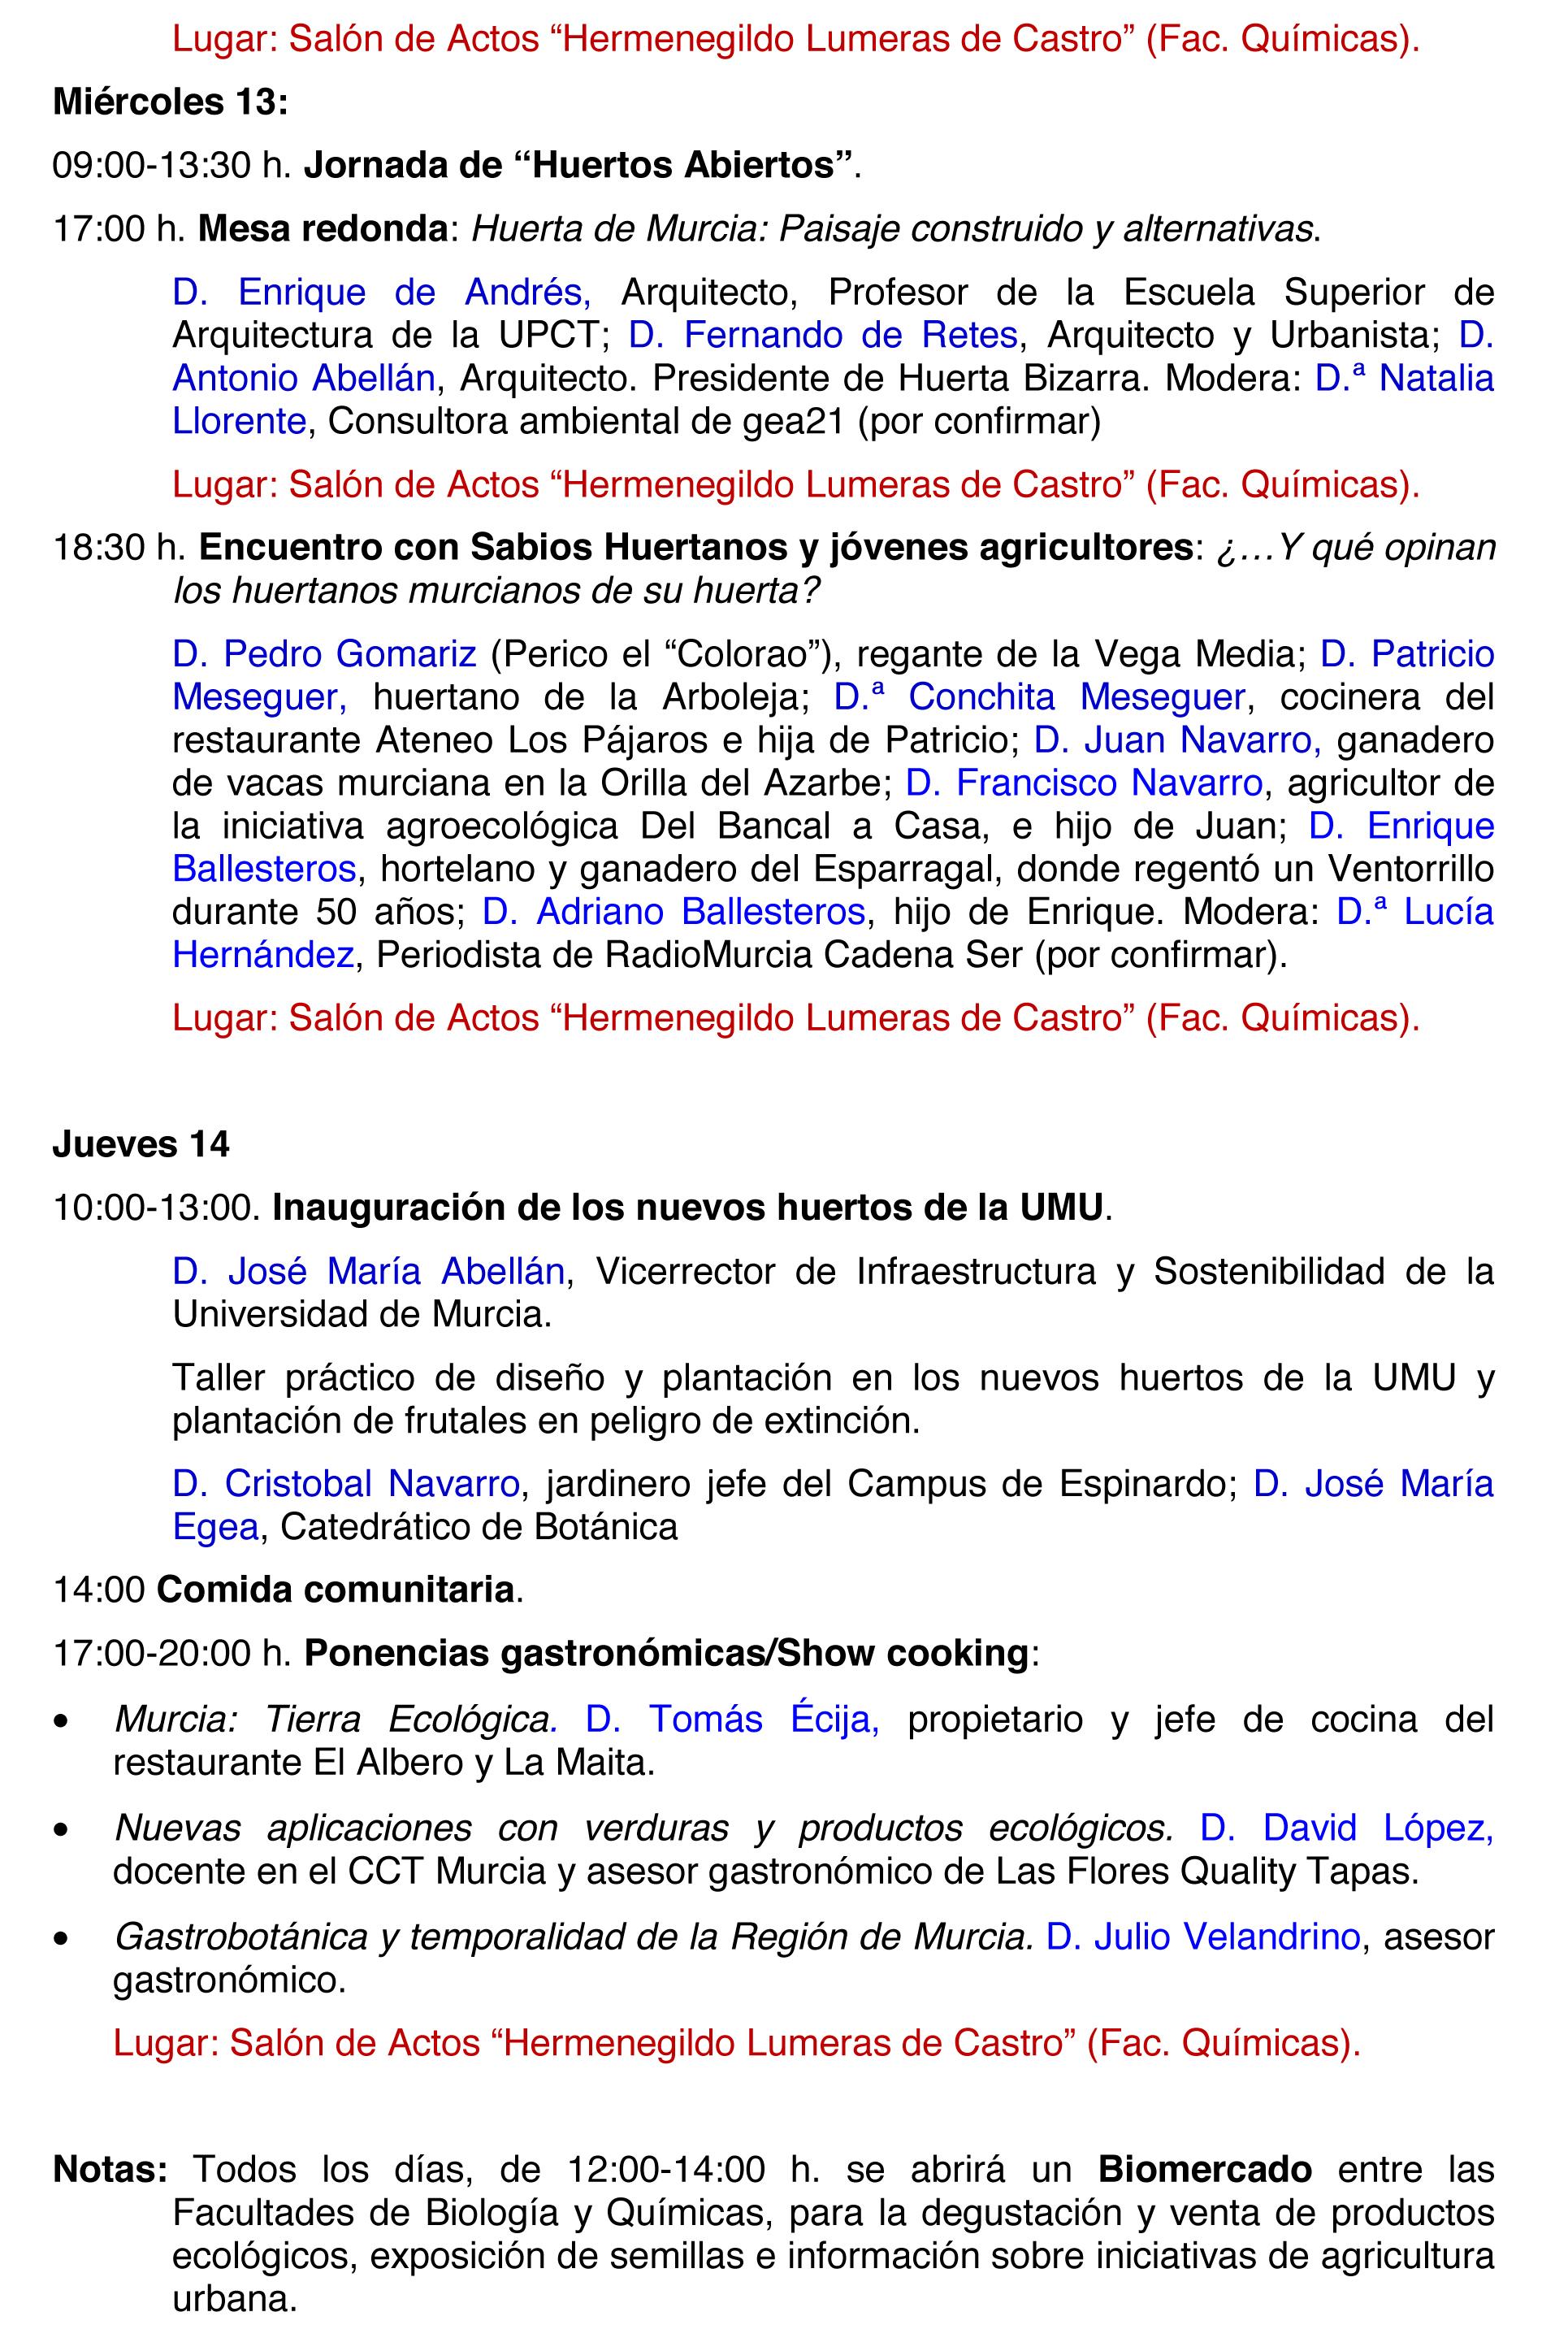 Programa de la I Semana de Agroecología y Soberanía alimentaria, 2